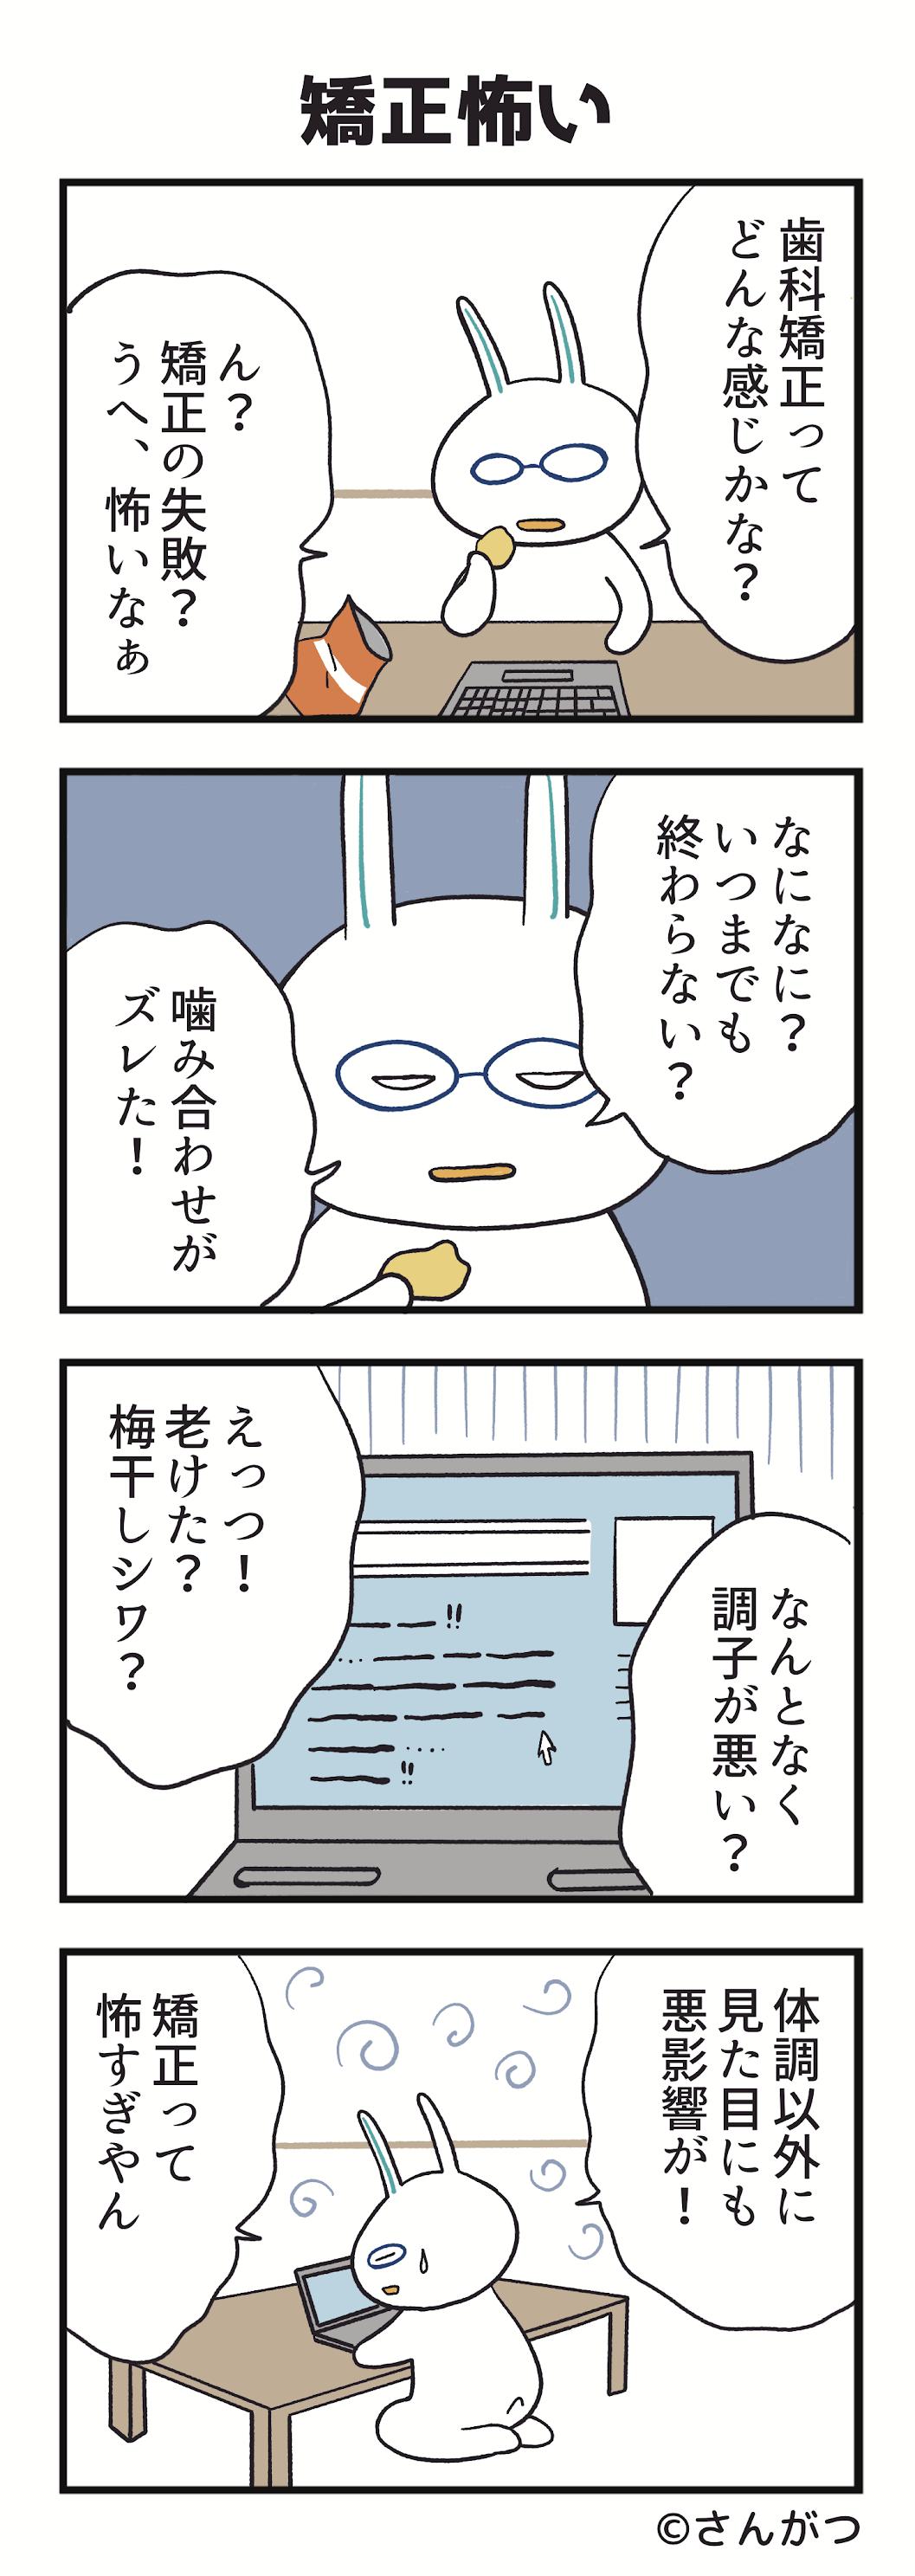 歯科矯正の漫画11「出会った編」